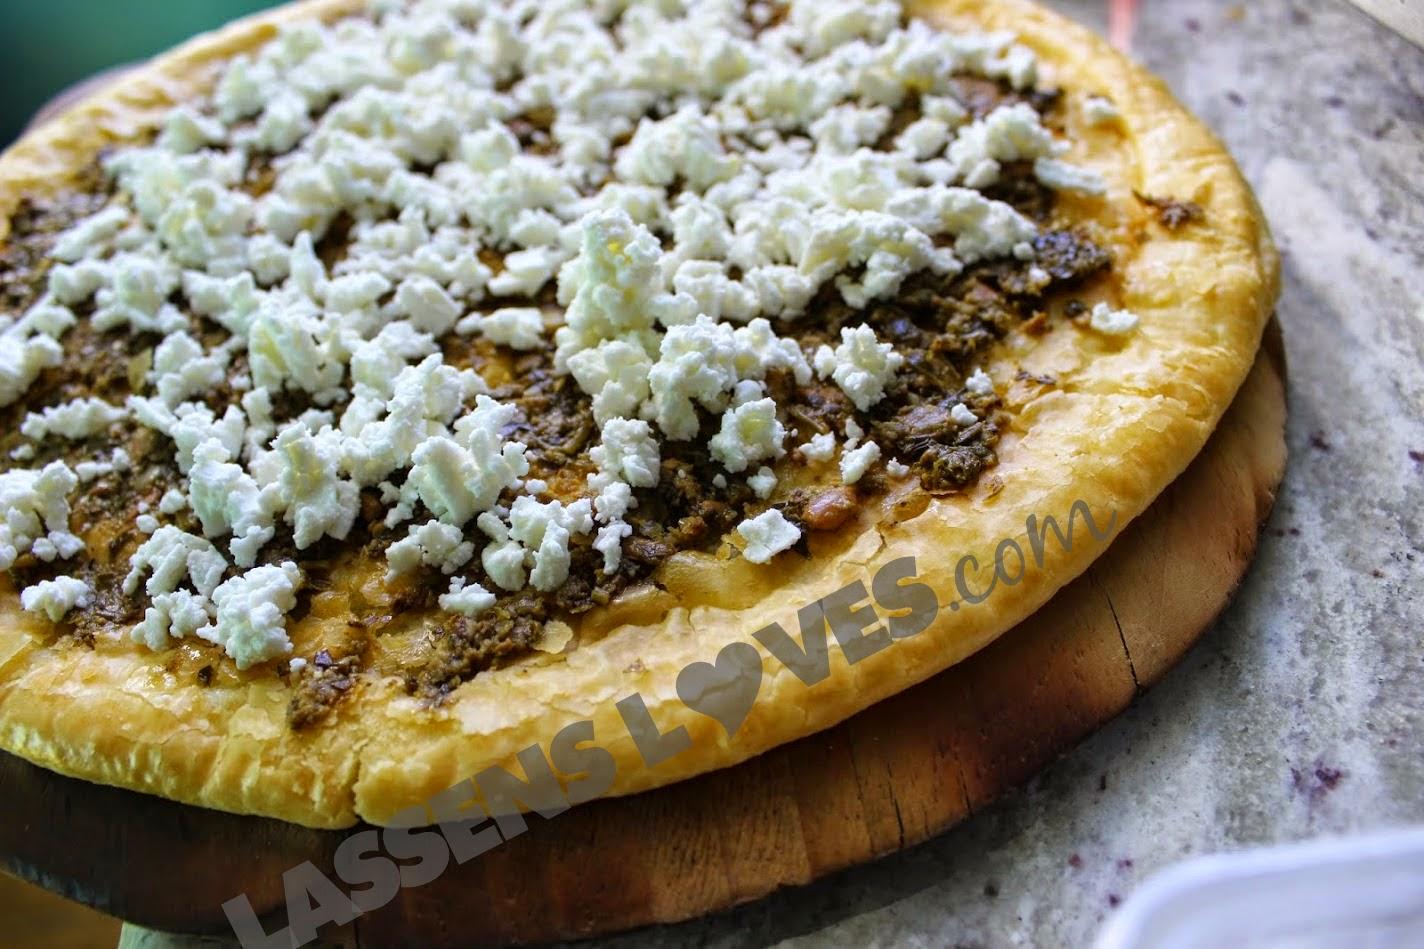 veggie+pizza, pizza+with+green, pesto+pizza, gluten+free+pizza